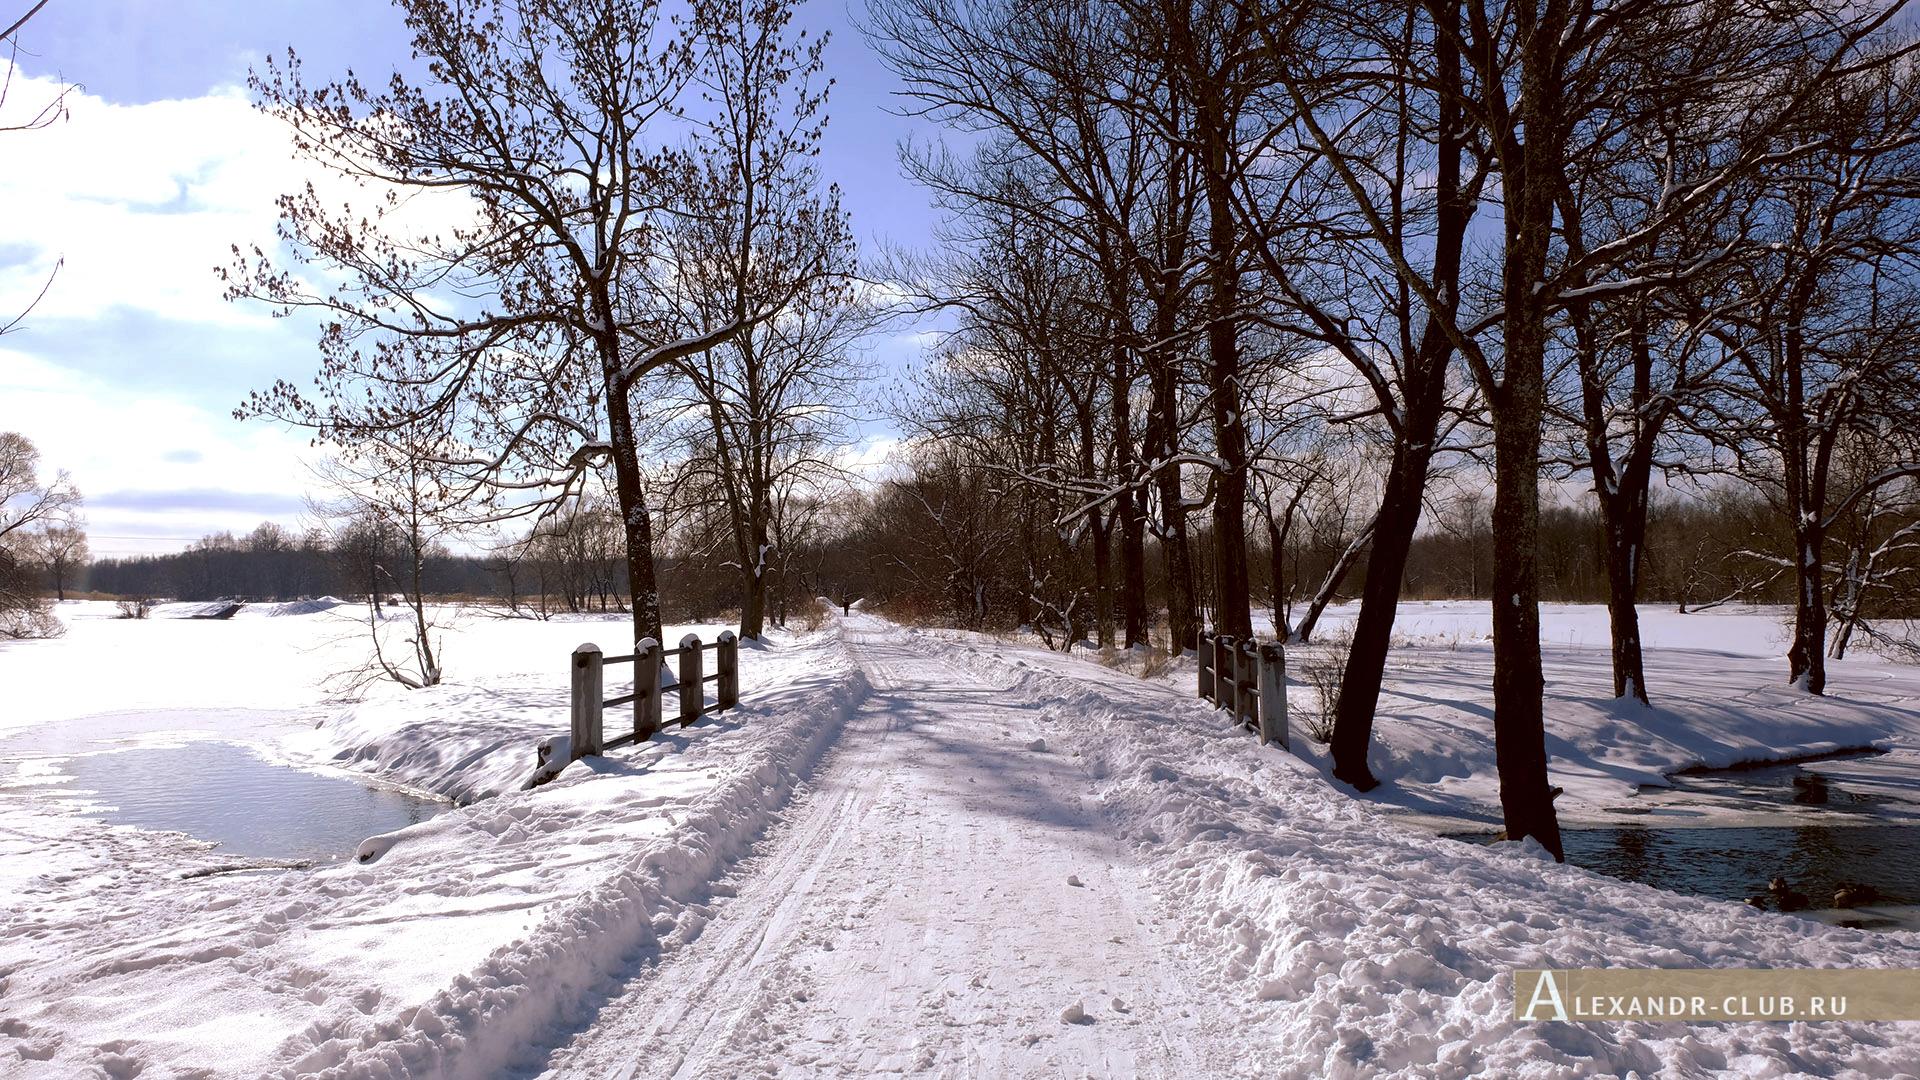 Петергоф, Луговой парк, зима, Орлинский пруд – 2